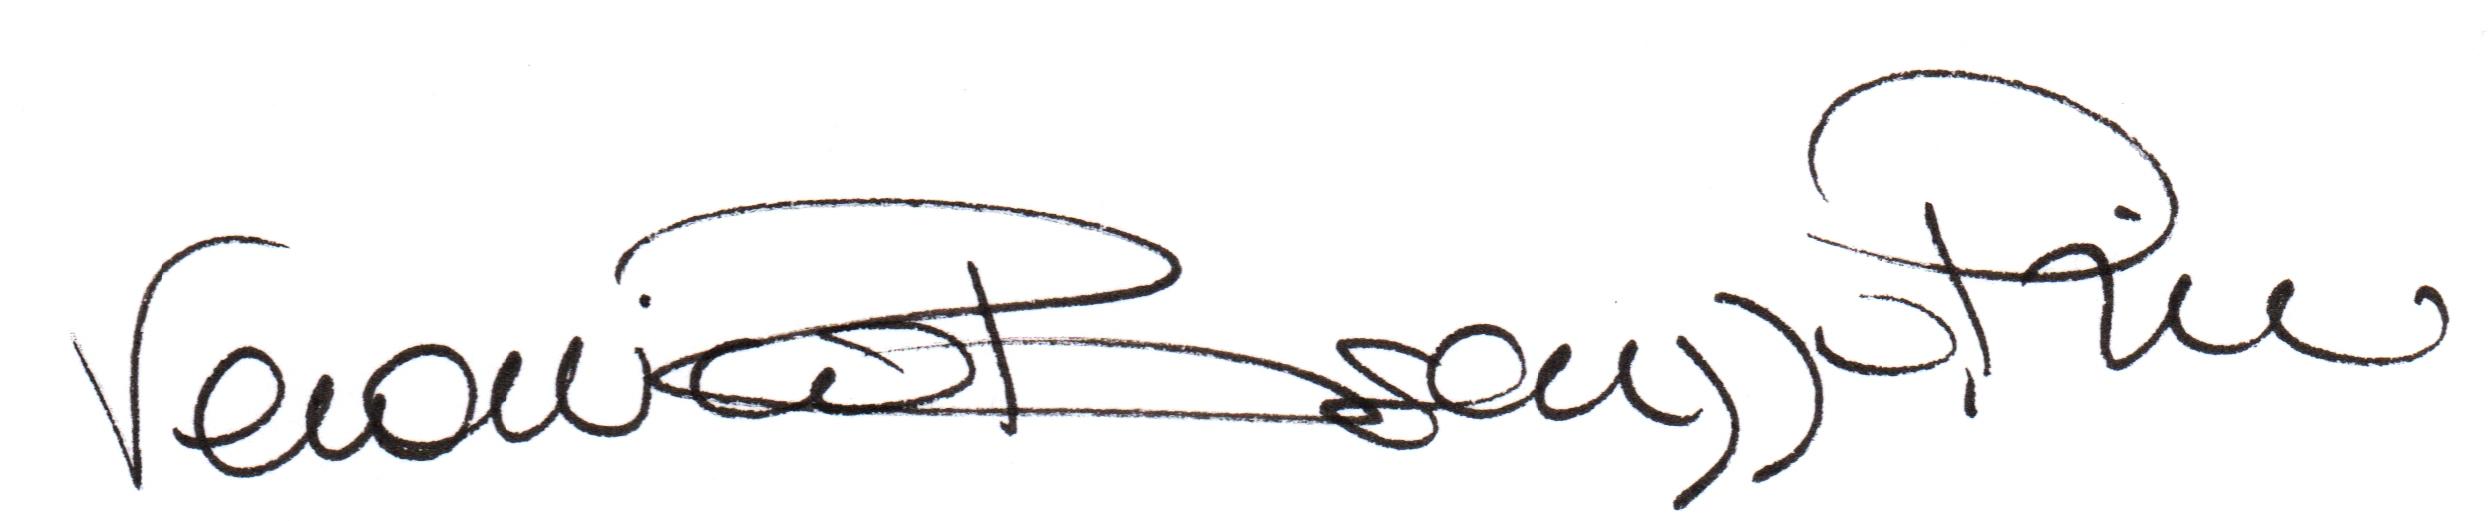 Veronica Rosazza Prin_Autografo